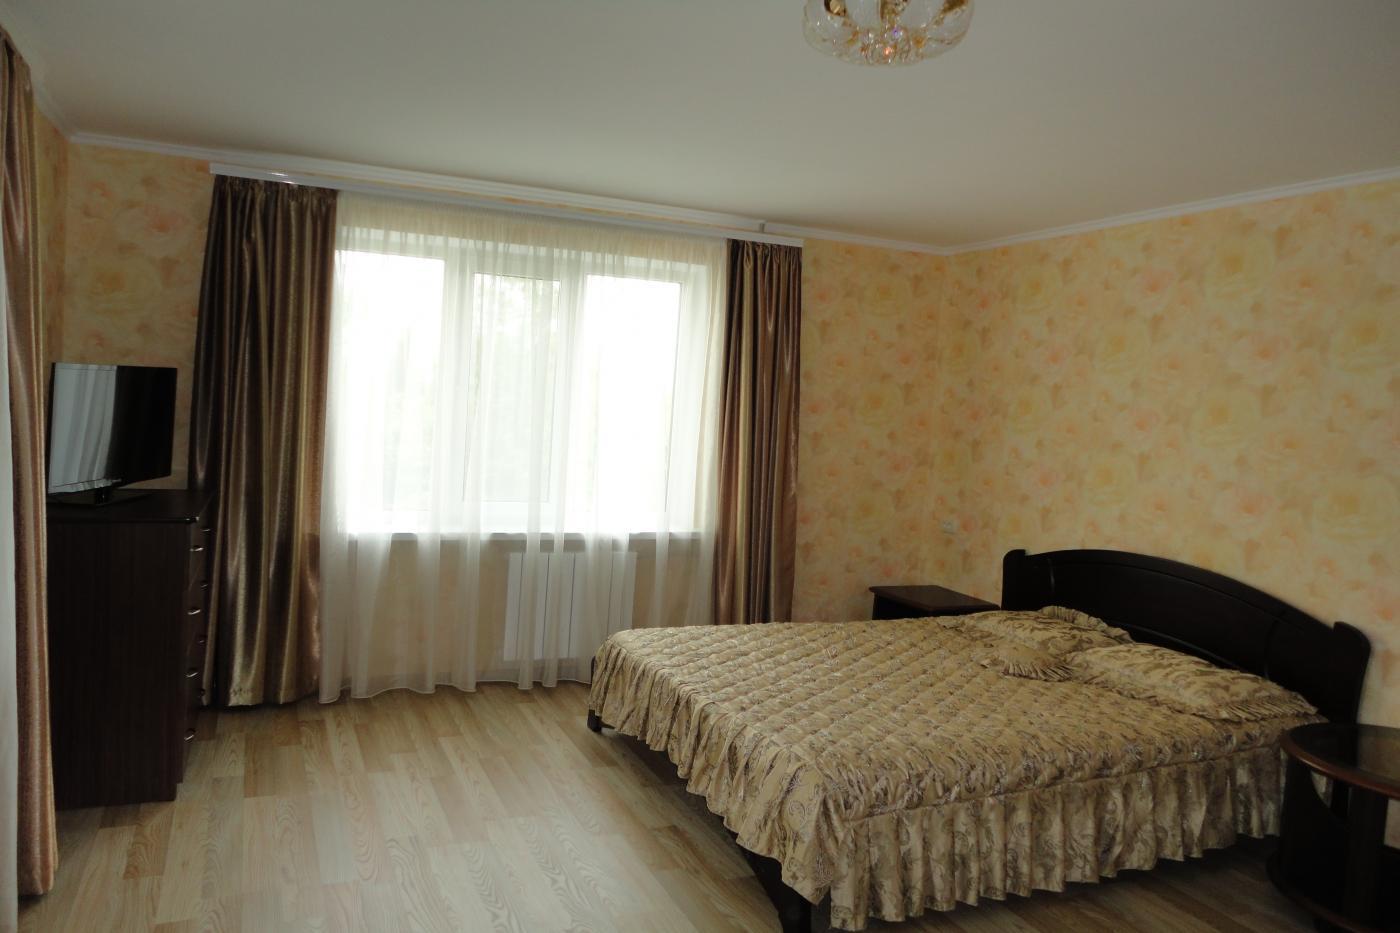 1-комнатная квартира посуточно (вариант № 626), ул. Героев Бреста улица, фото № 4